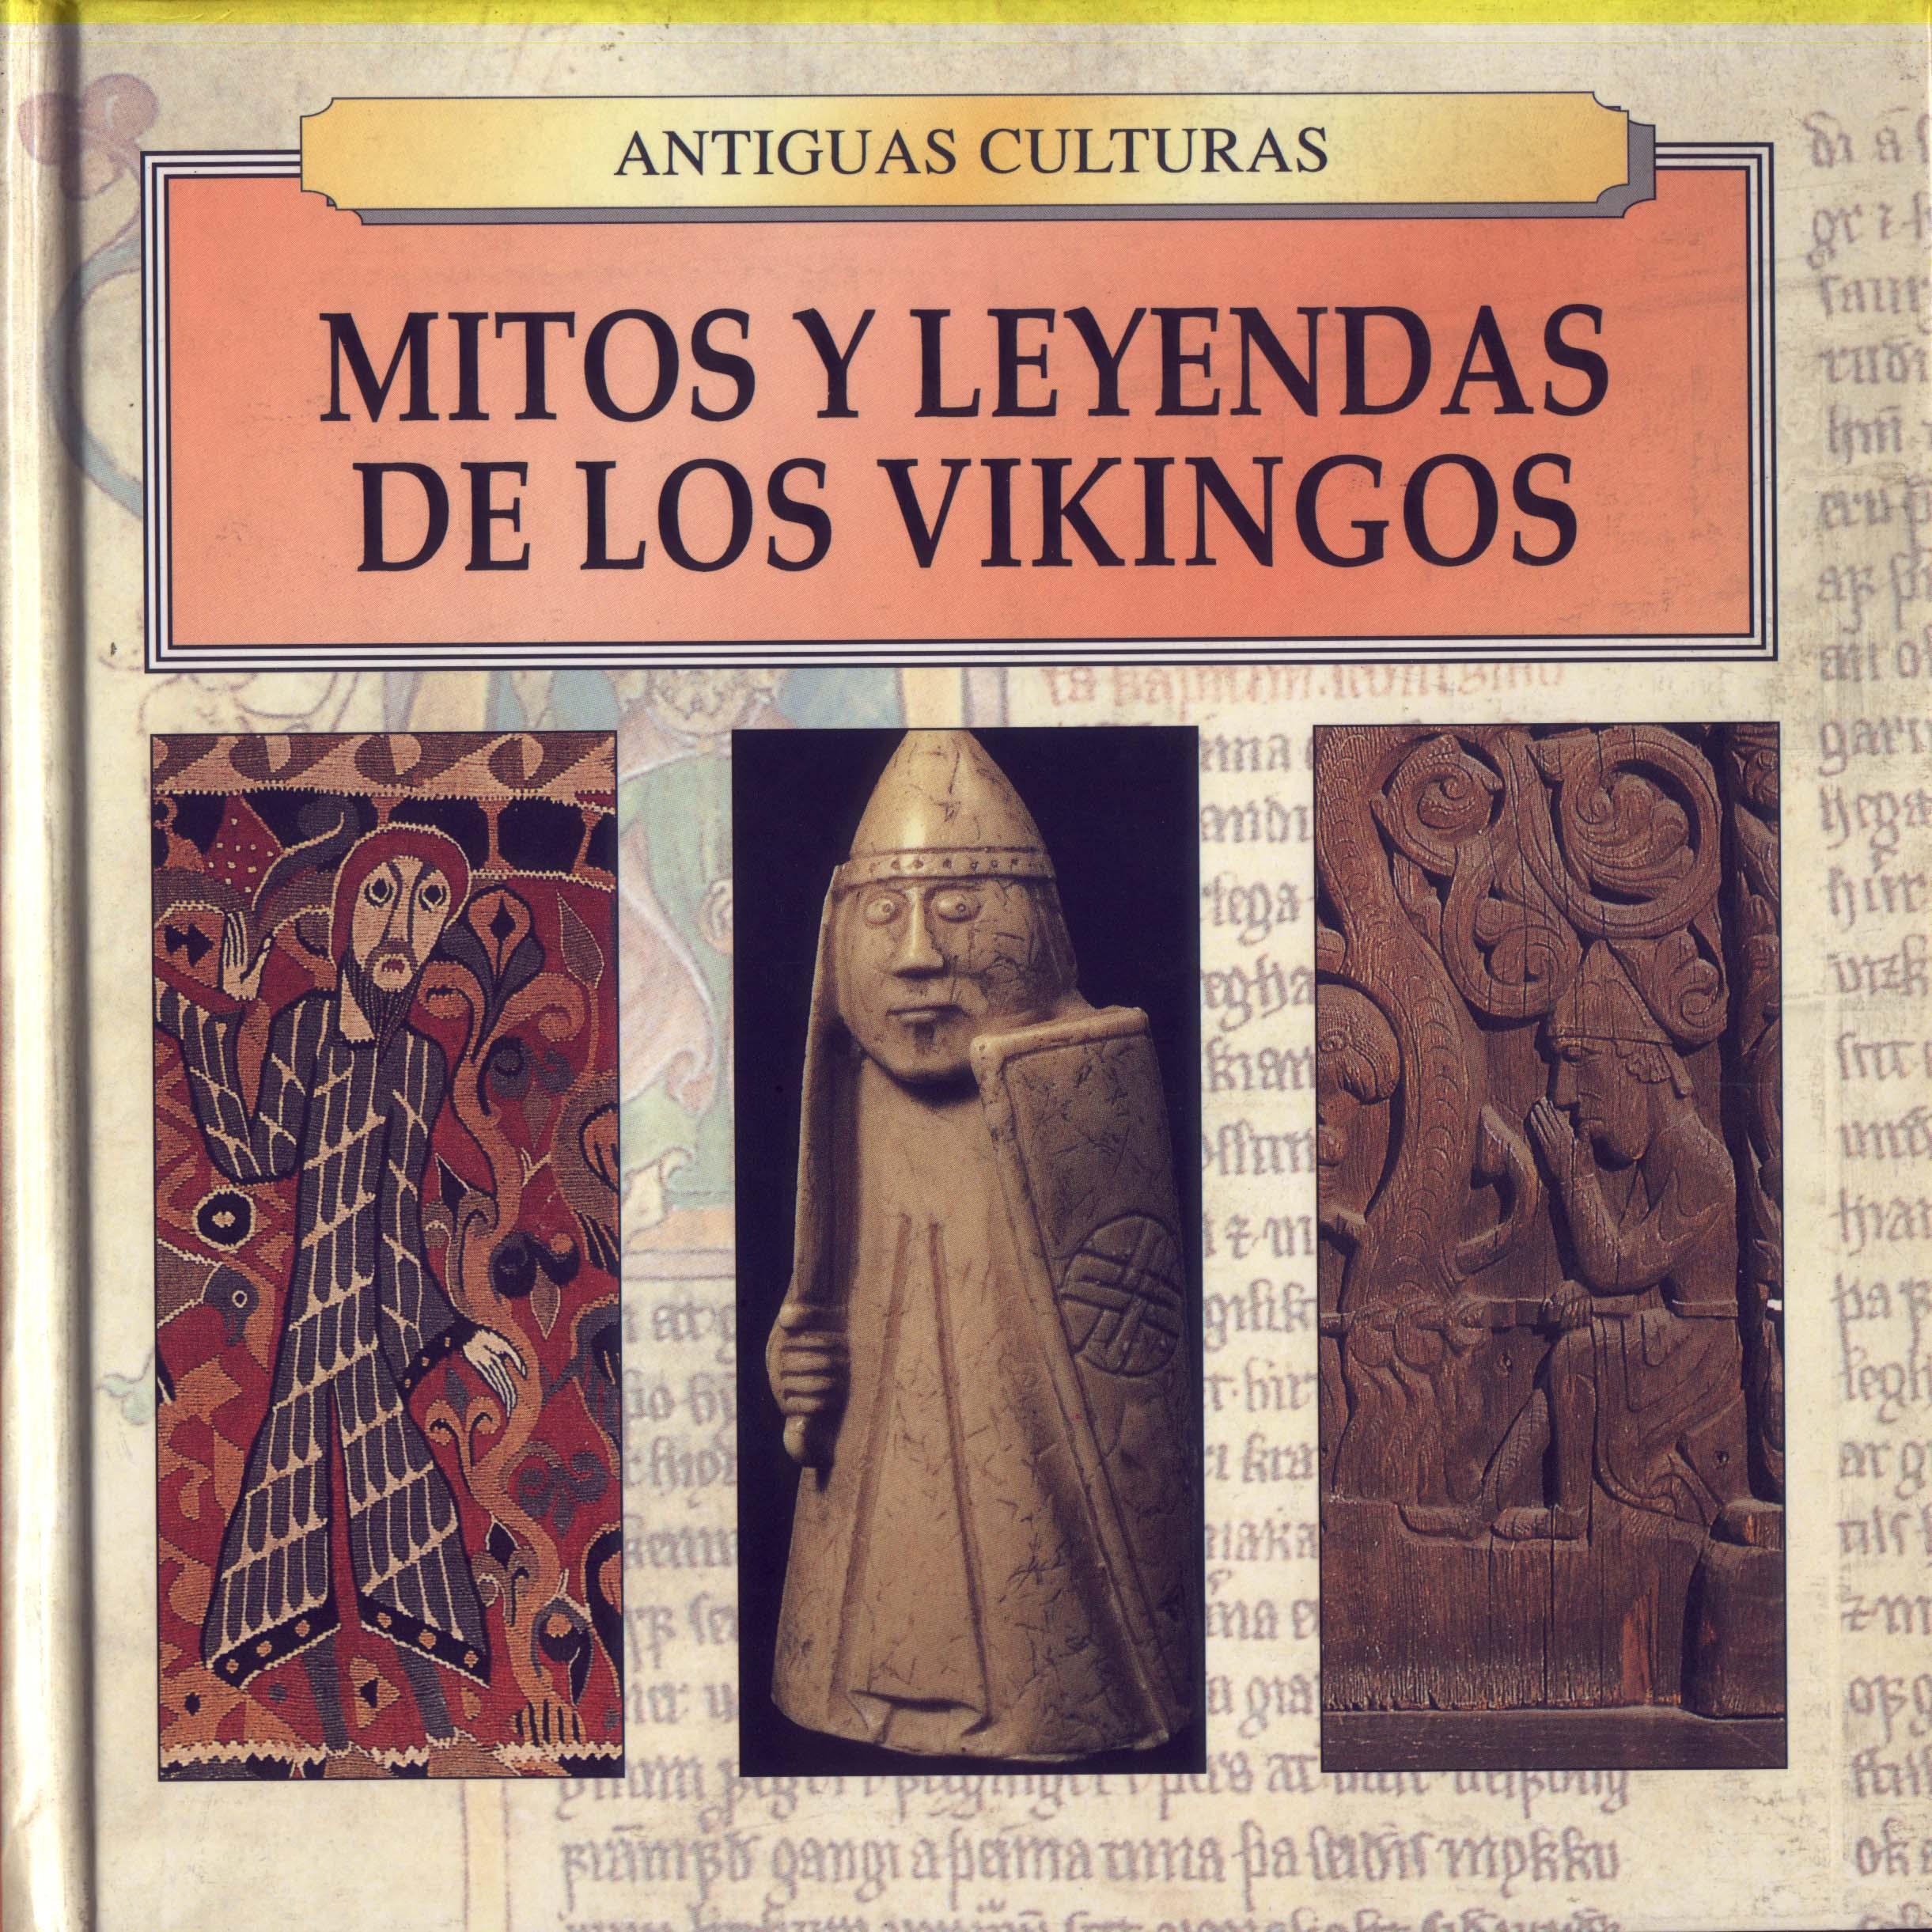 Mitos y leyendas de los vikingos